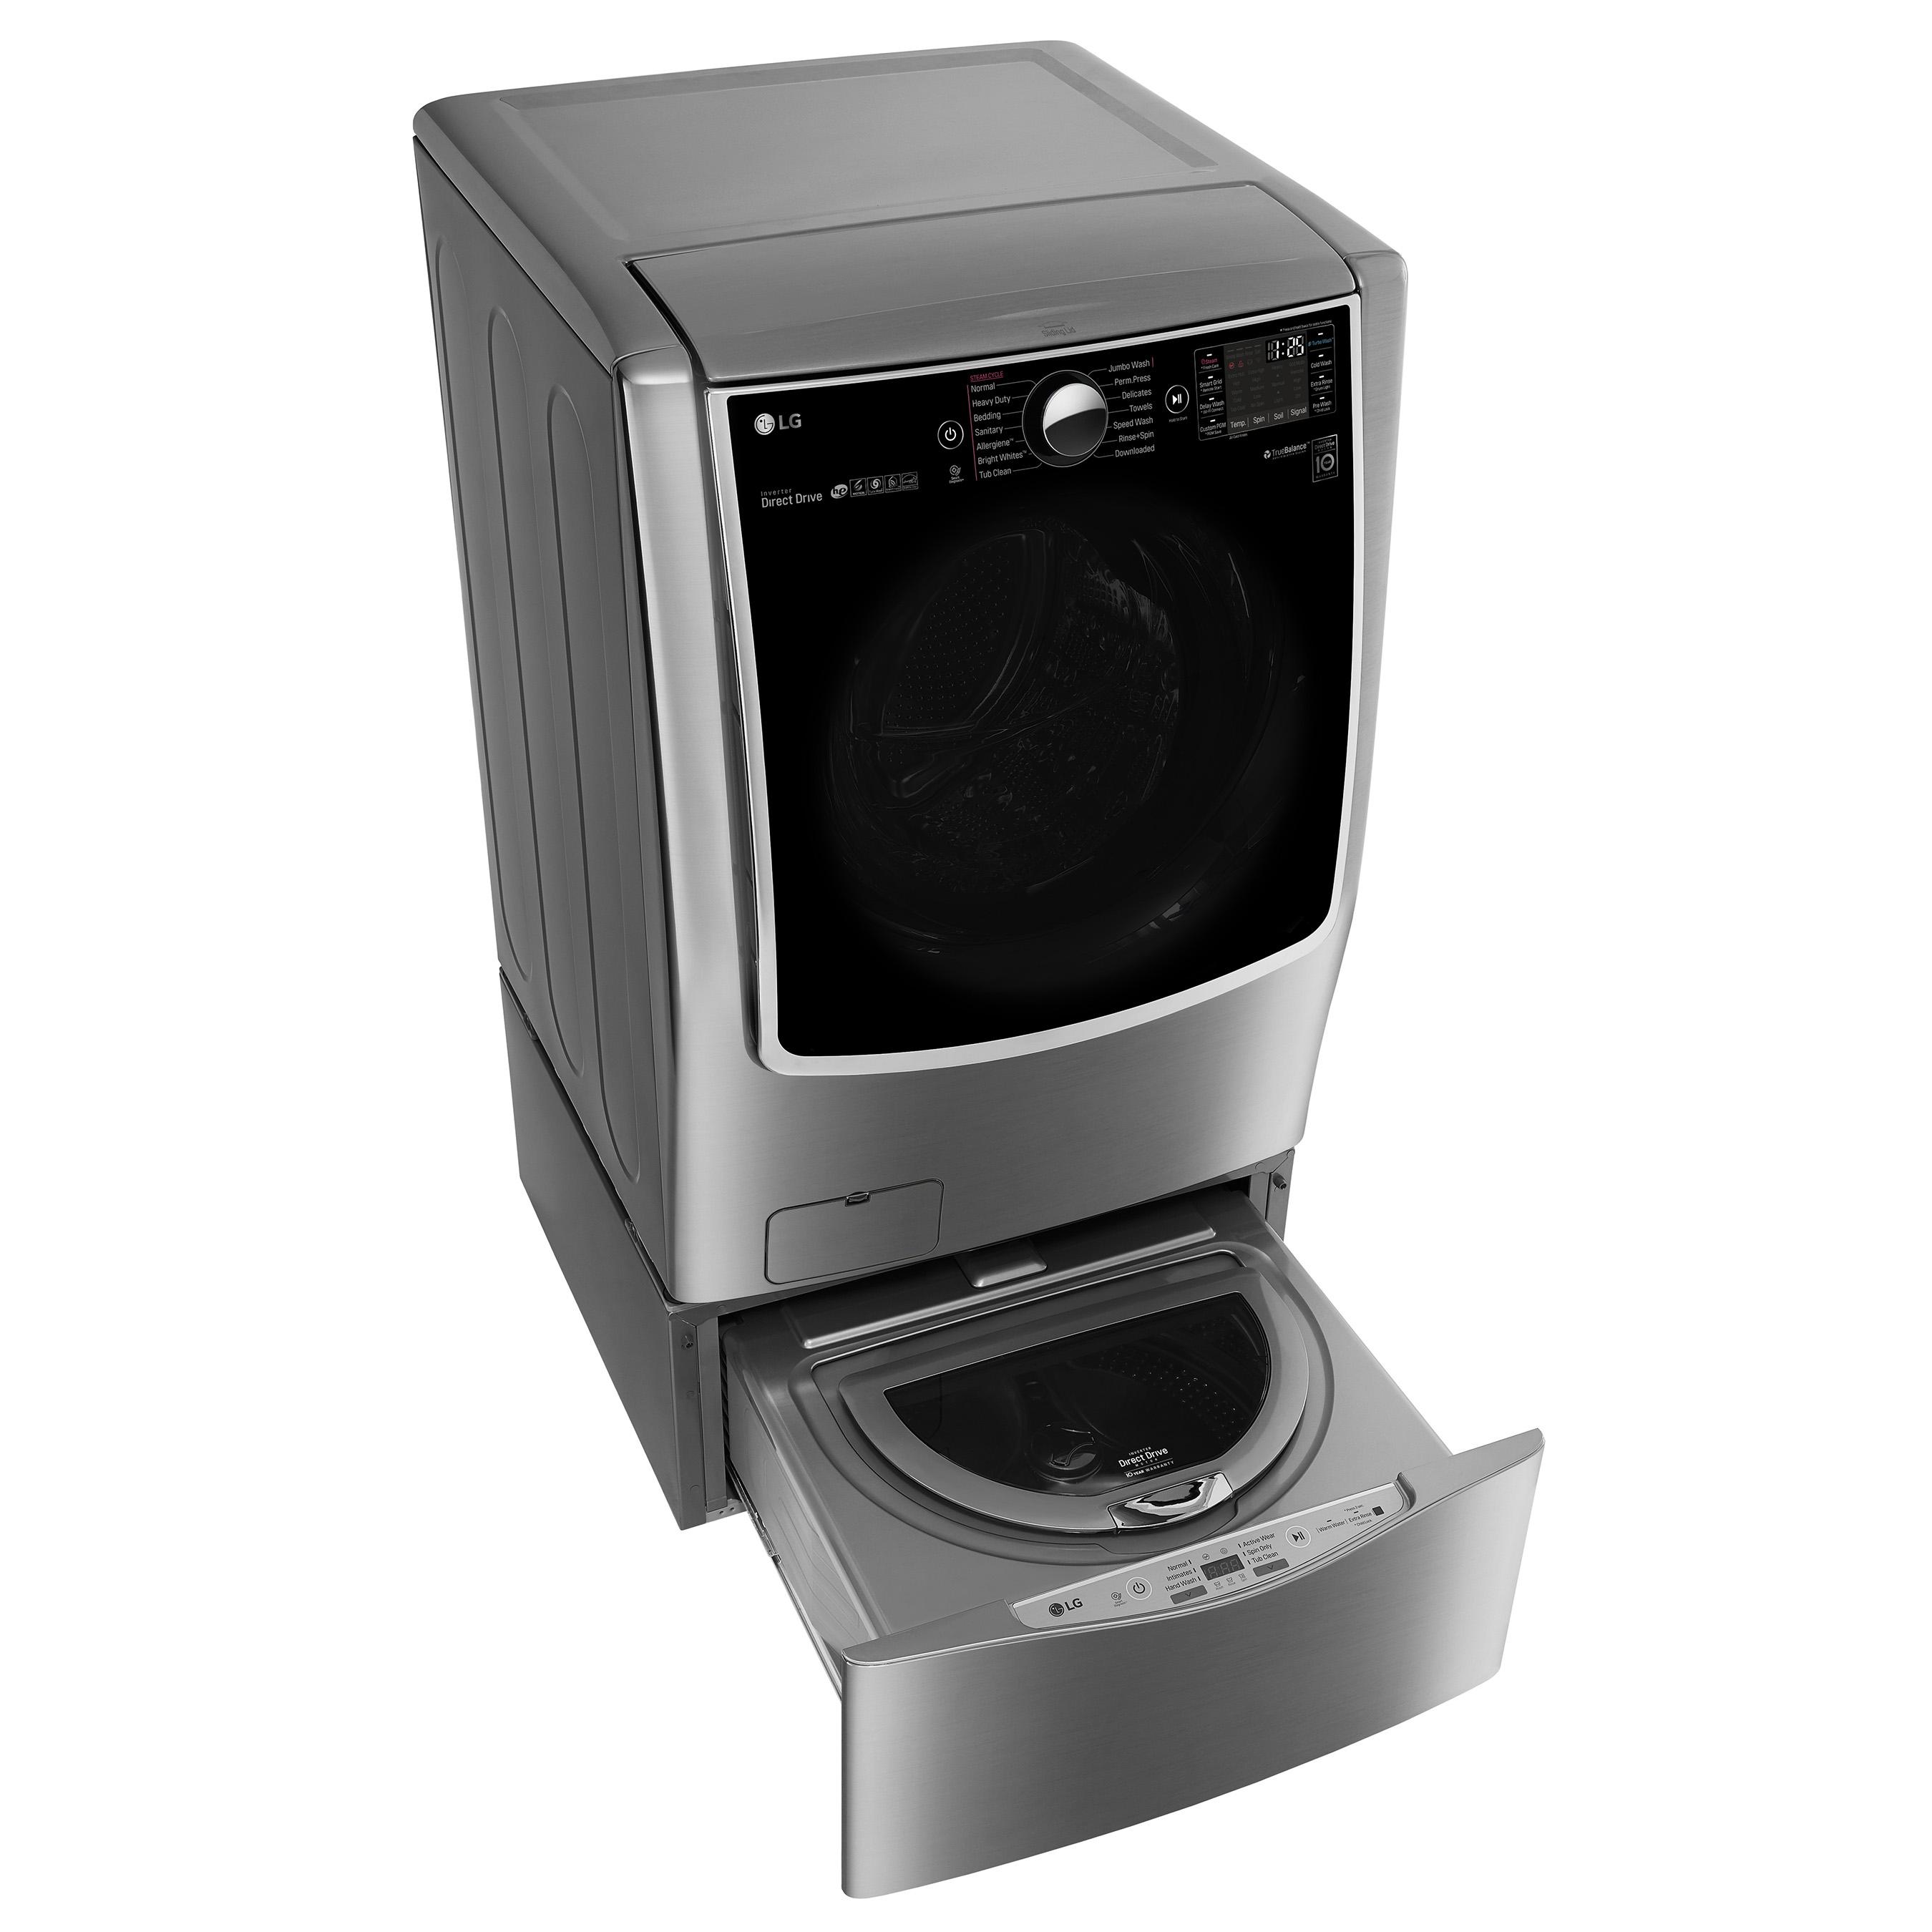 LG TWIN Wash™ with SideKick™